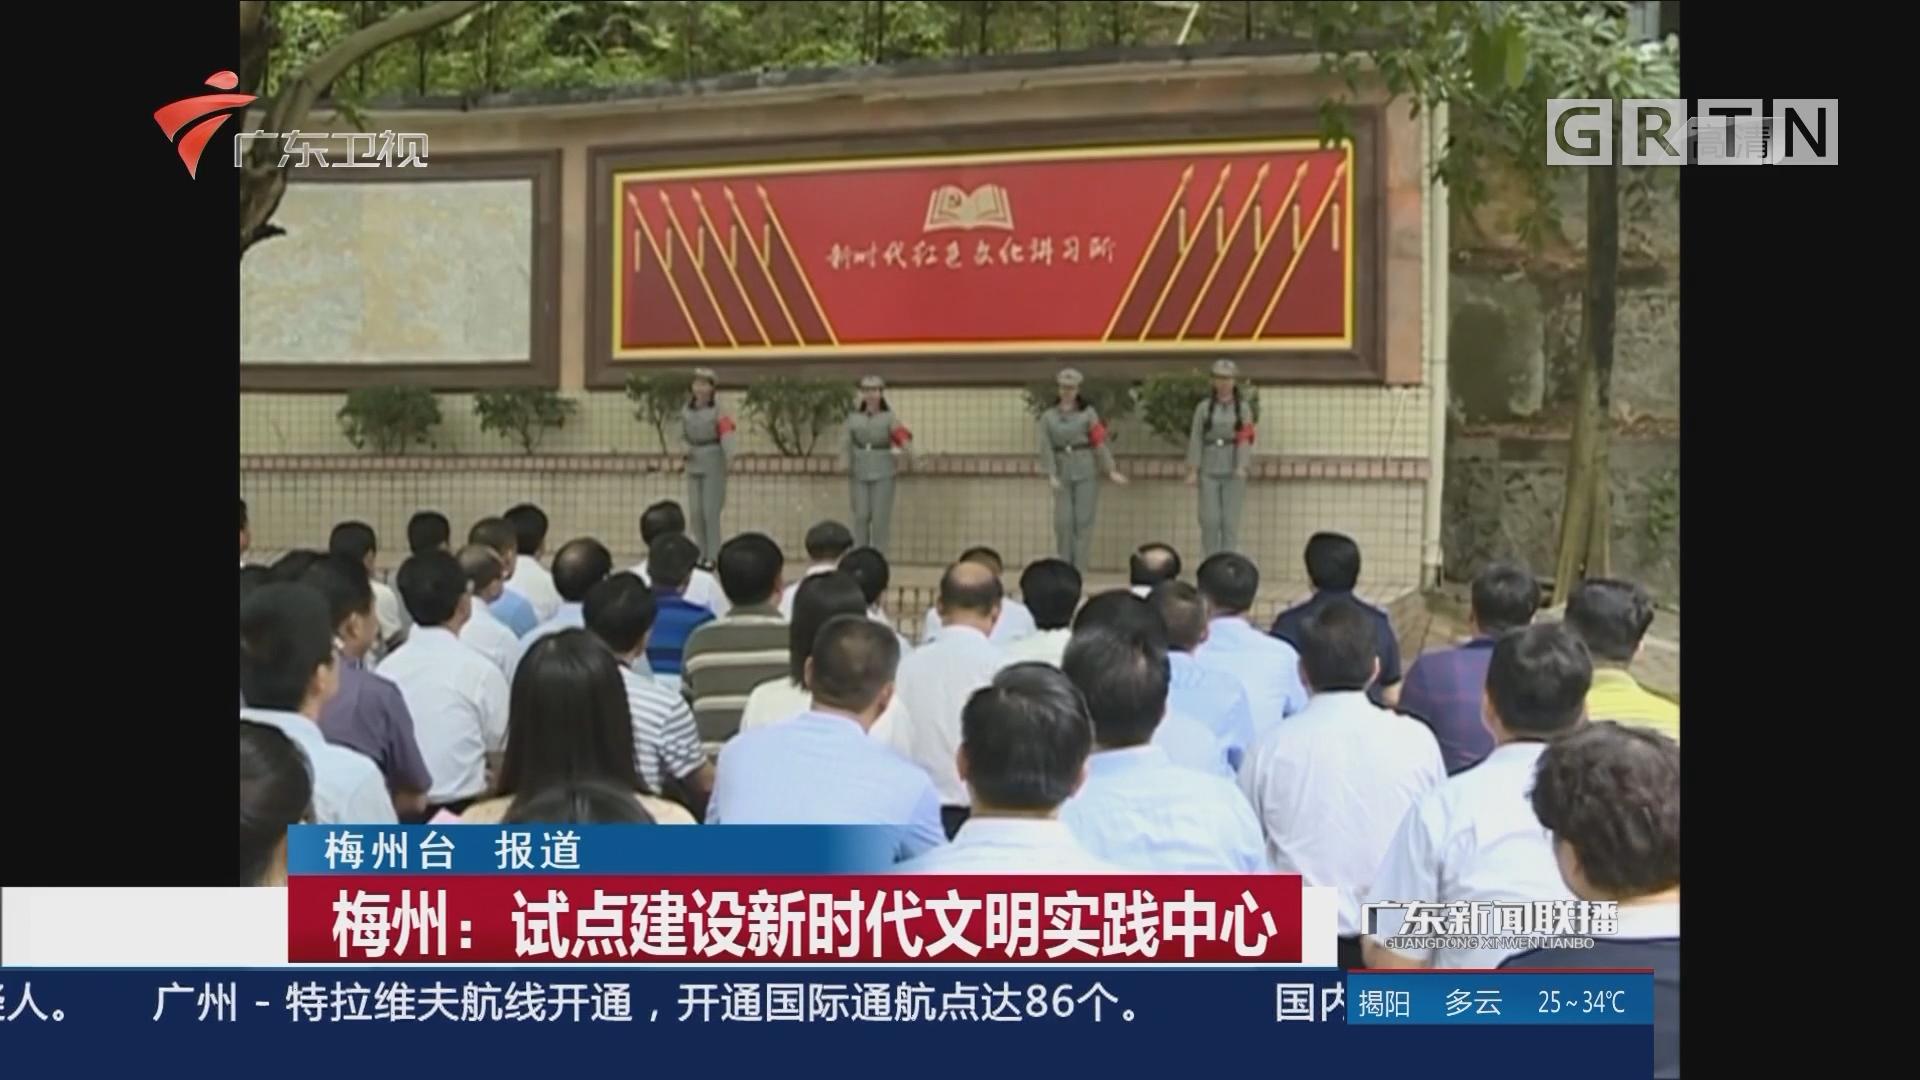 梅州:试点建设新时代文明实践中心